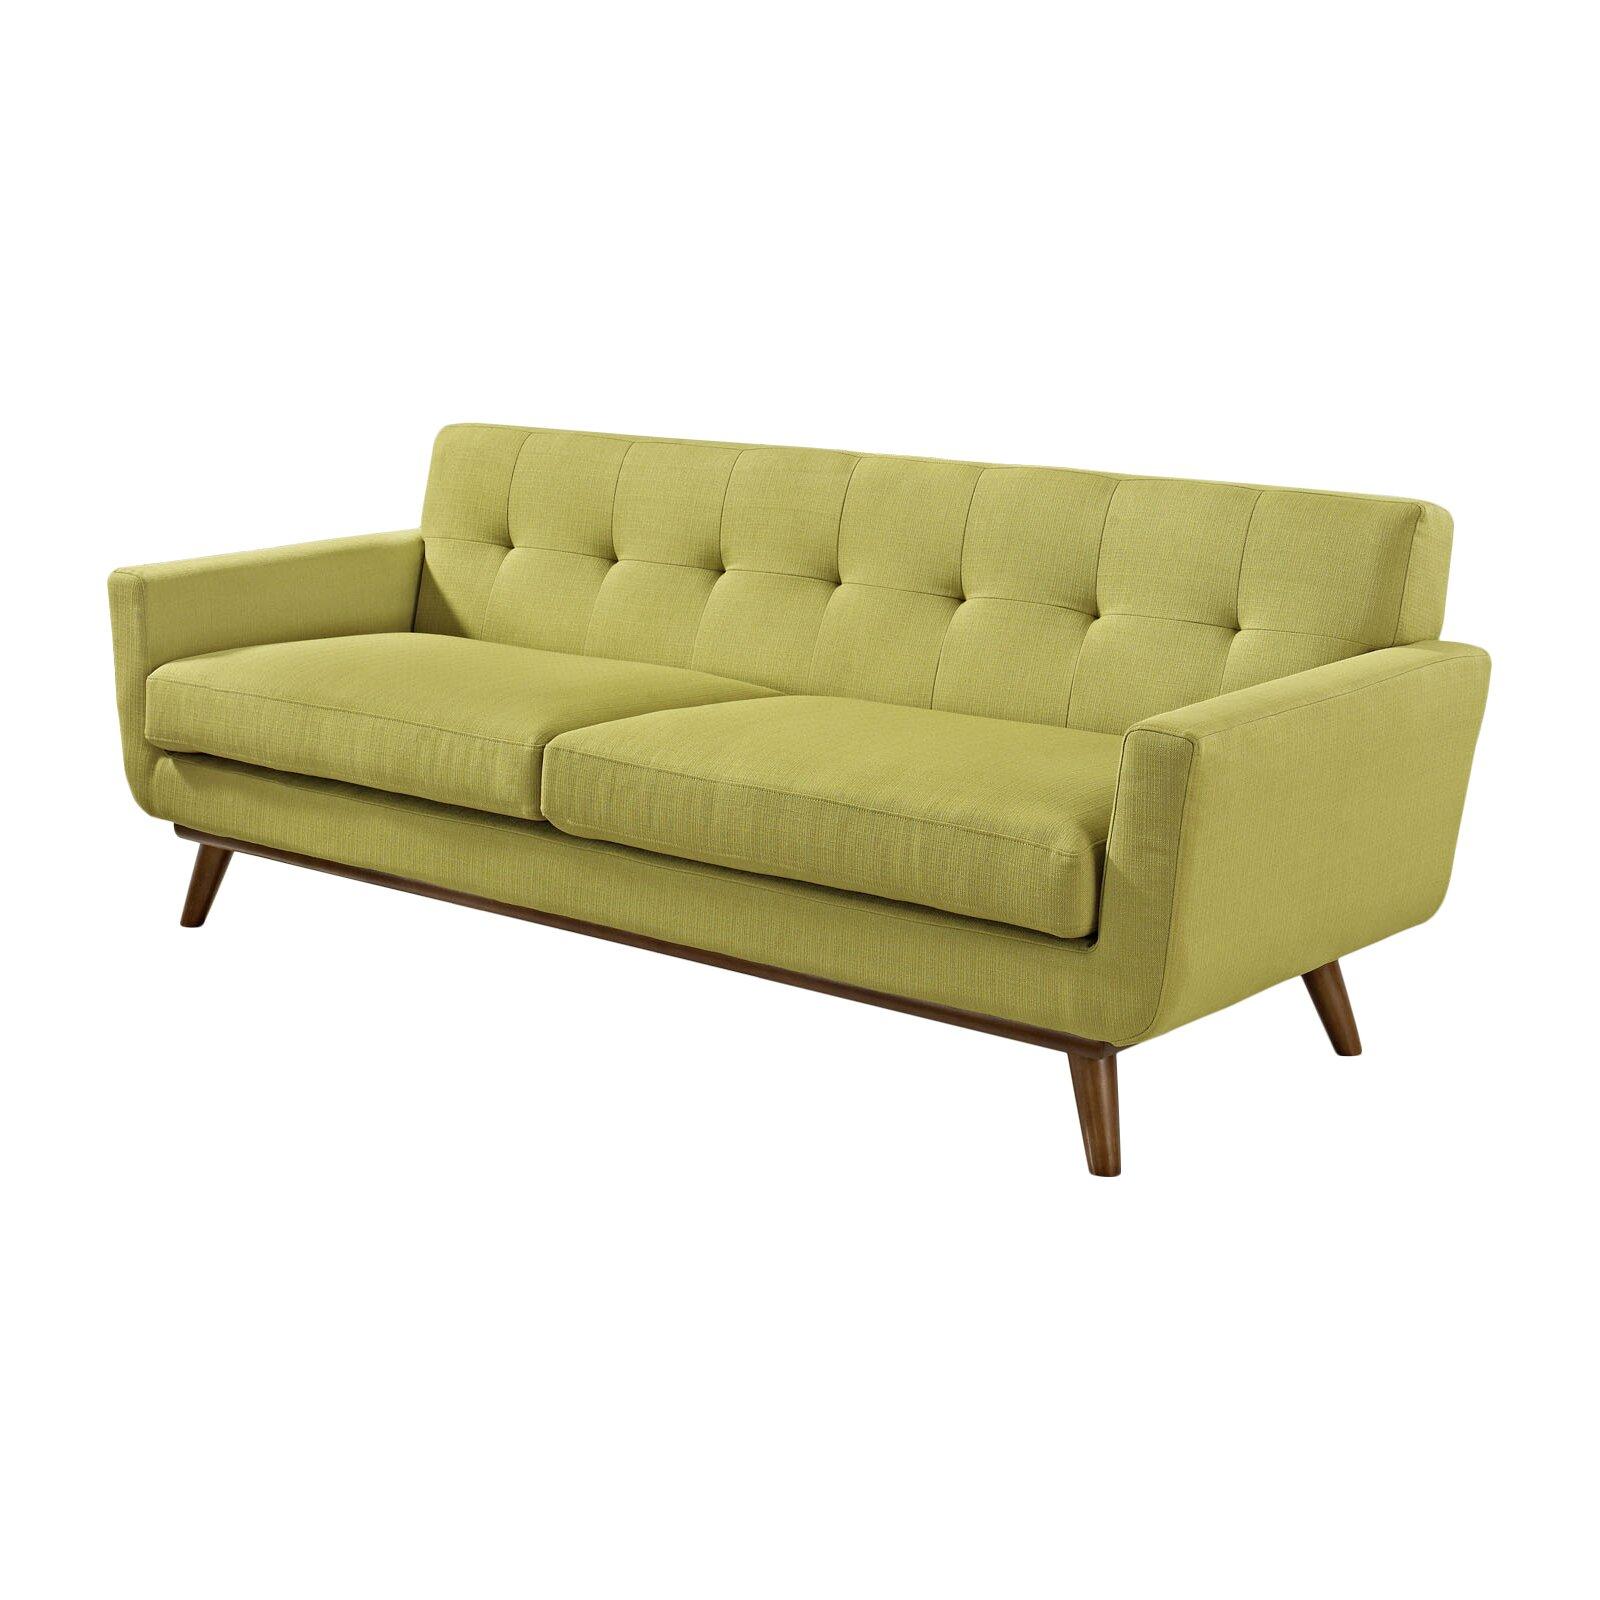 Corrigan Studio Saginaw Upholstered Sofa Reviews Wayfair